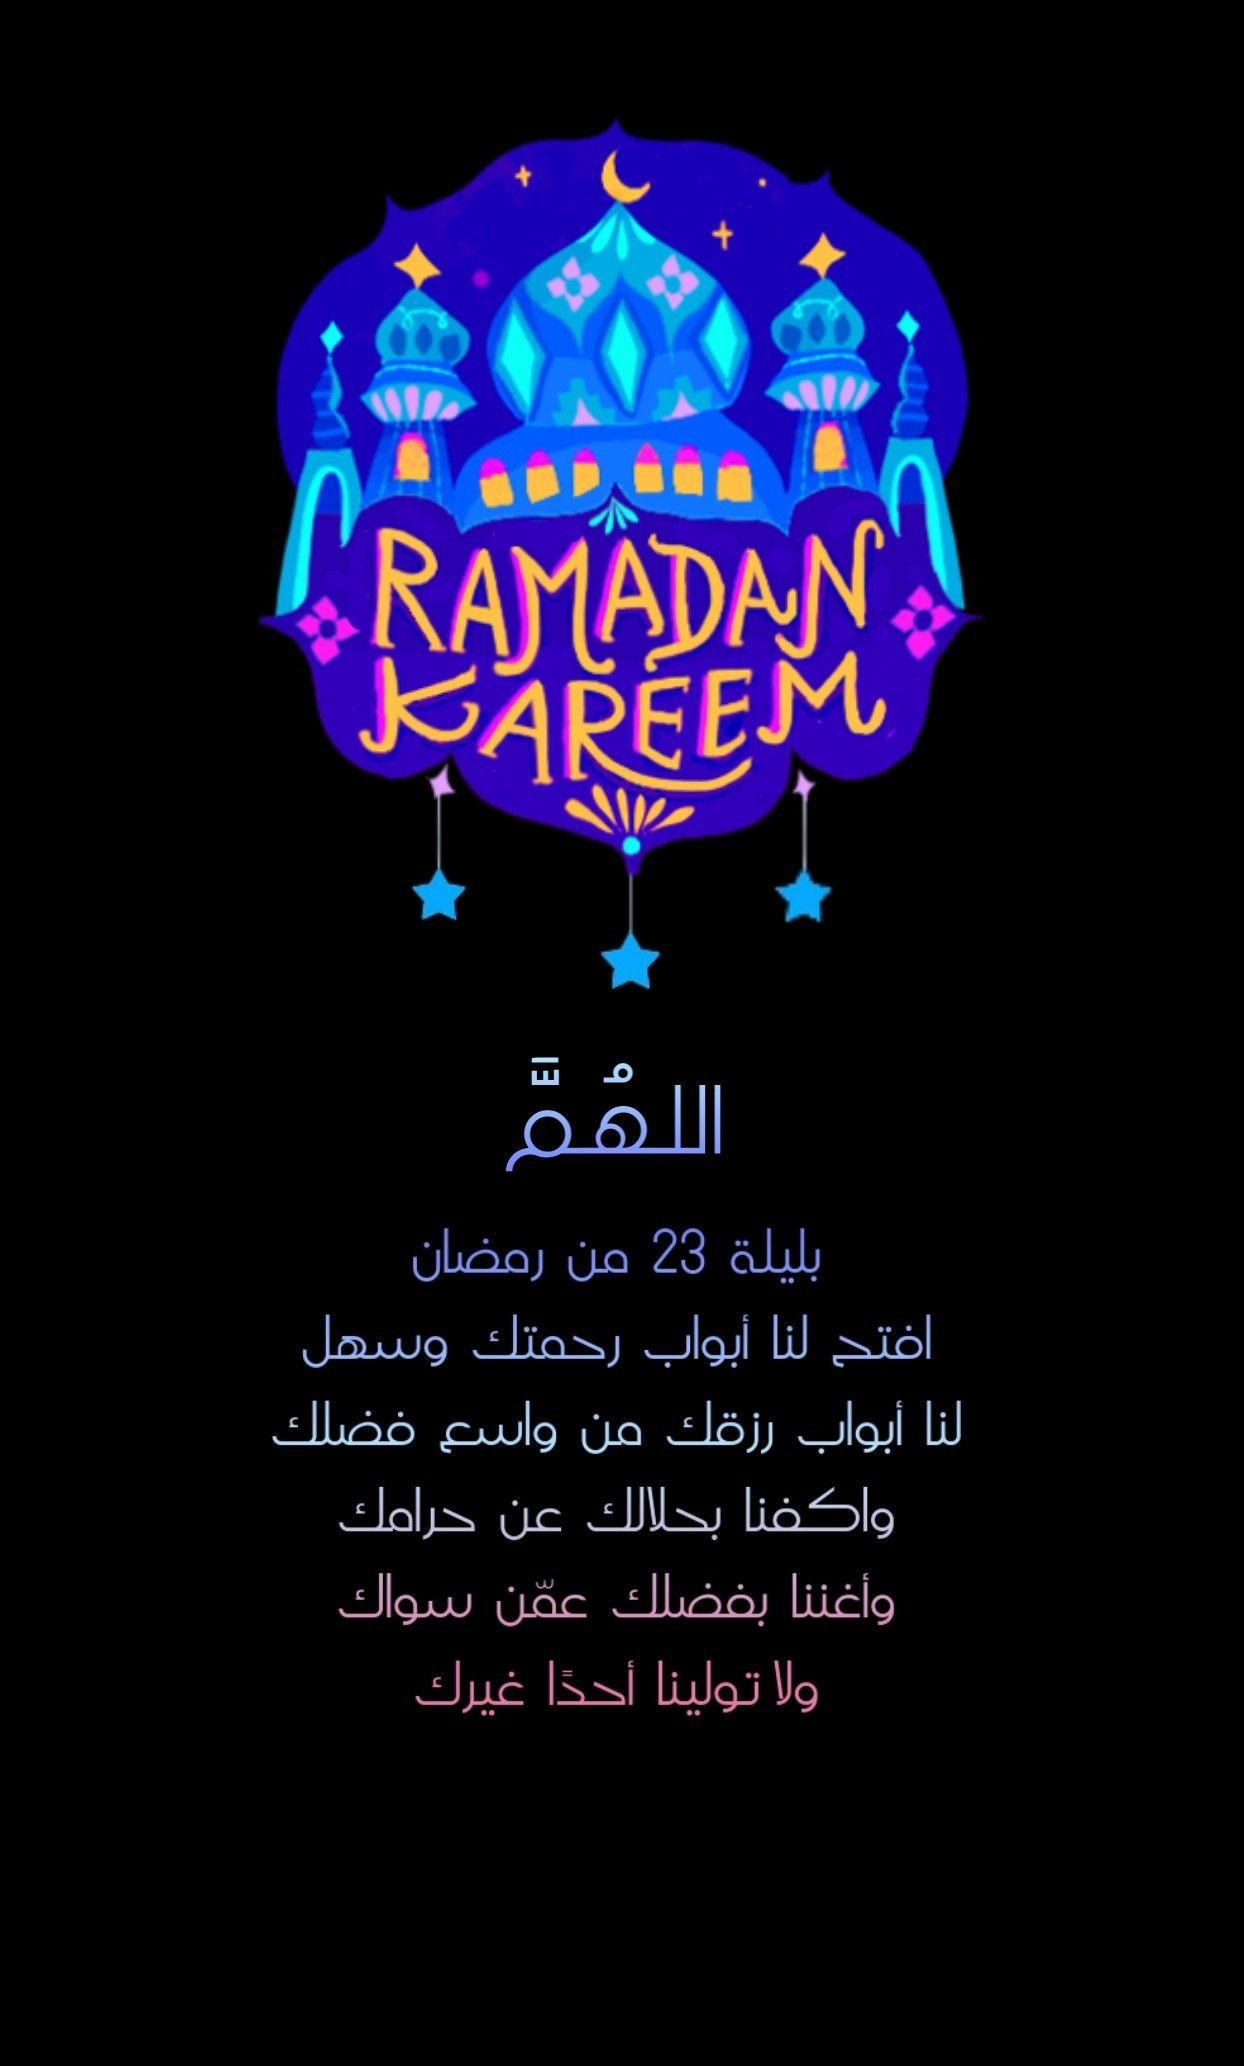 الله م بليلة ٢٣ من رمضان افتح لنا أبواب رحمتك وسهل لنا أبواب رزقك من واسع فضلك واكفنا بحلالك عن حرامك وأغننا بفضل Ramadan Quotes Ramadan Ramadan Kareem